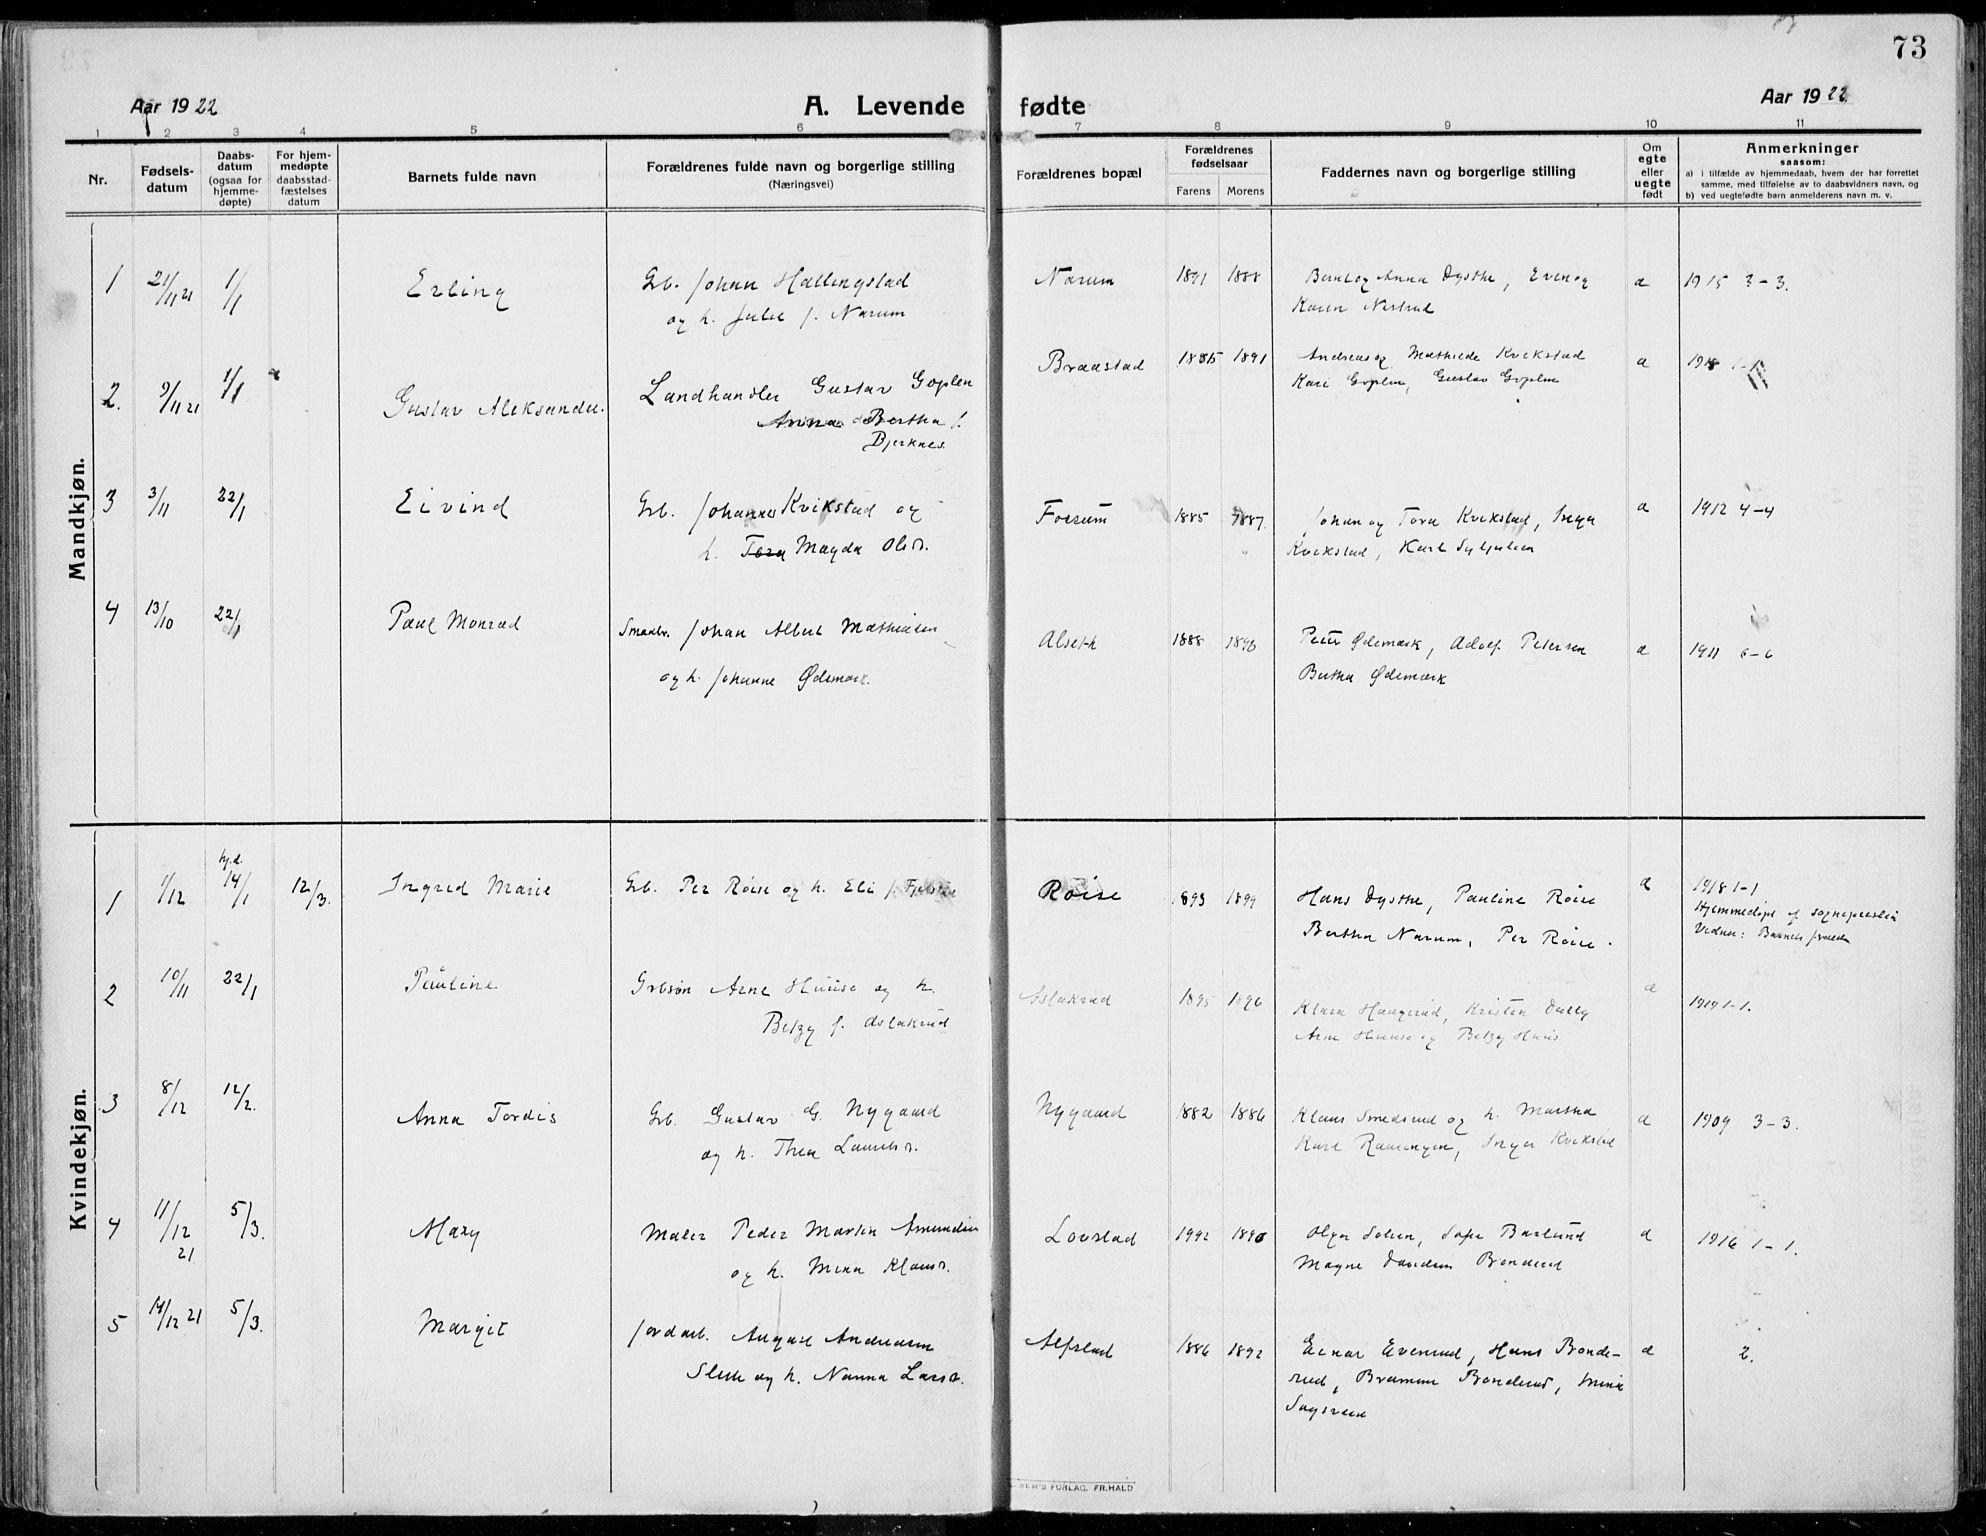 SAH, Kolbu prestekontor, Ministerialbok nr. 2, 1912-1926, s. 73